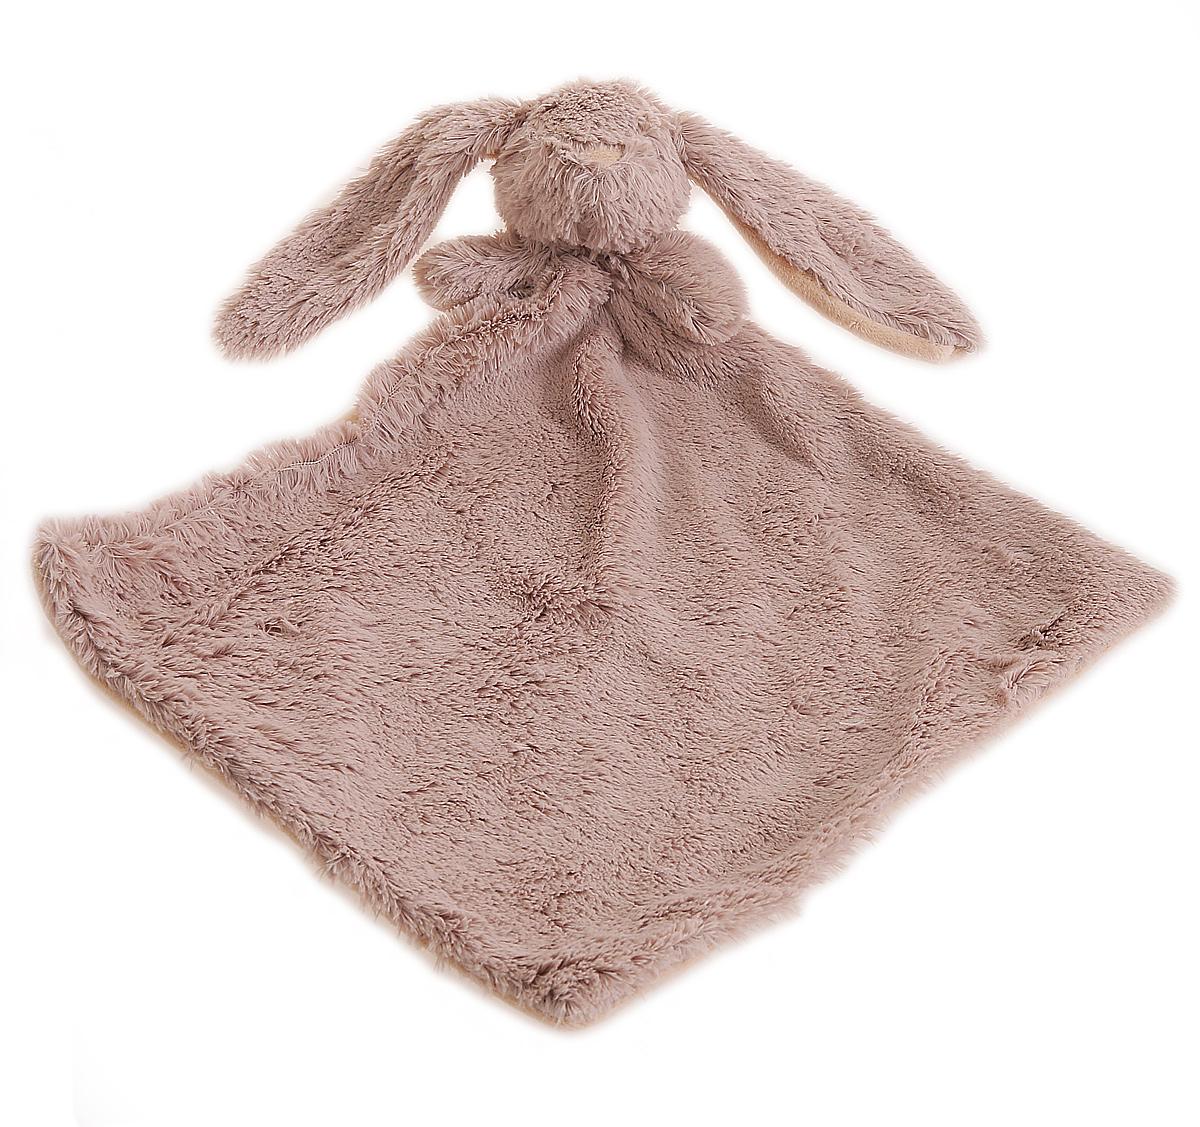 baby schmusetuch kuscheltuch baby schnuffeltuch kuscheltier b r affe hase 00025 ebay. Black Bedroom Furniture Sets. Home Design Ideas